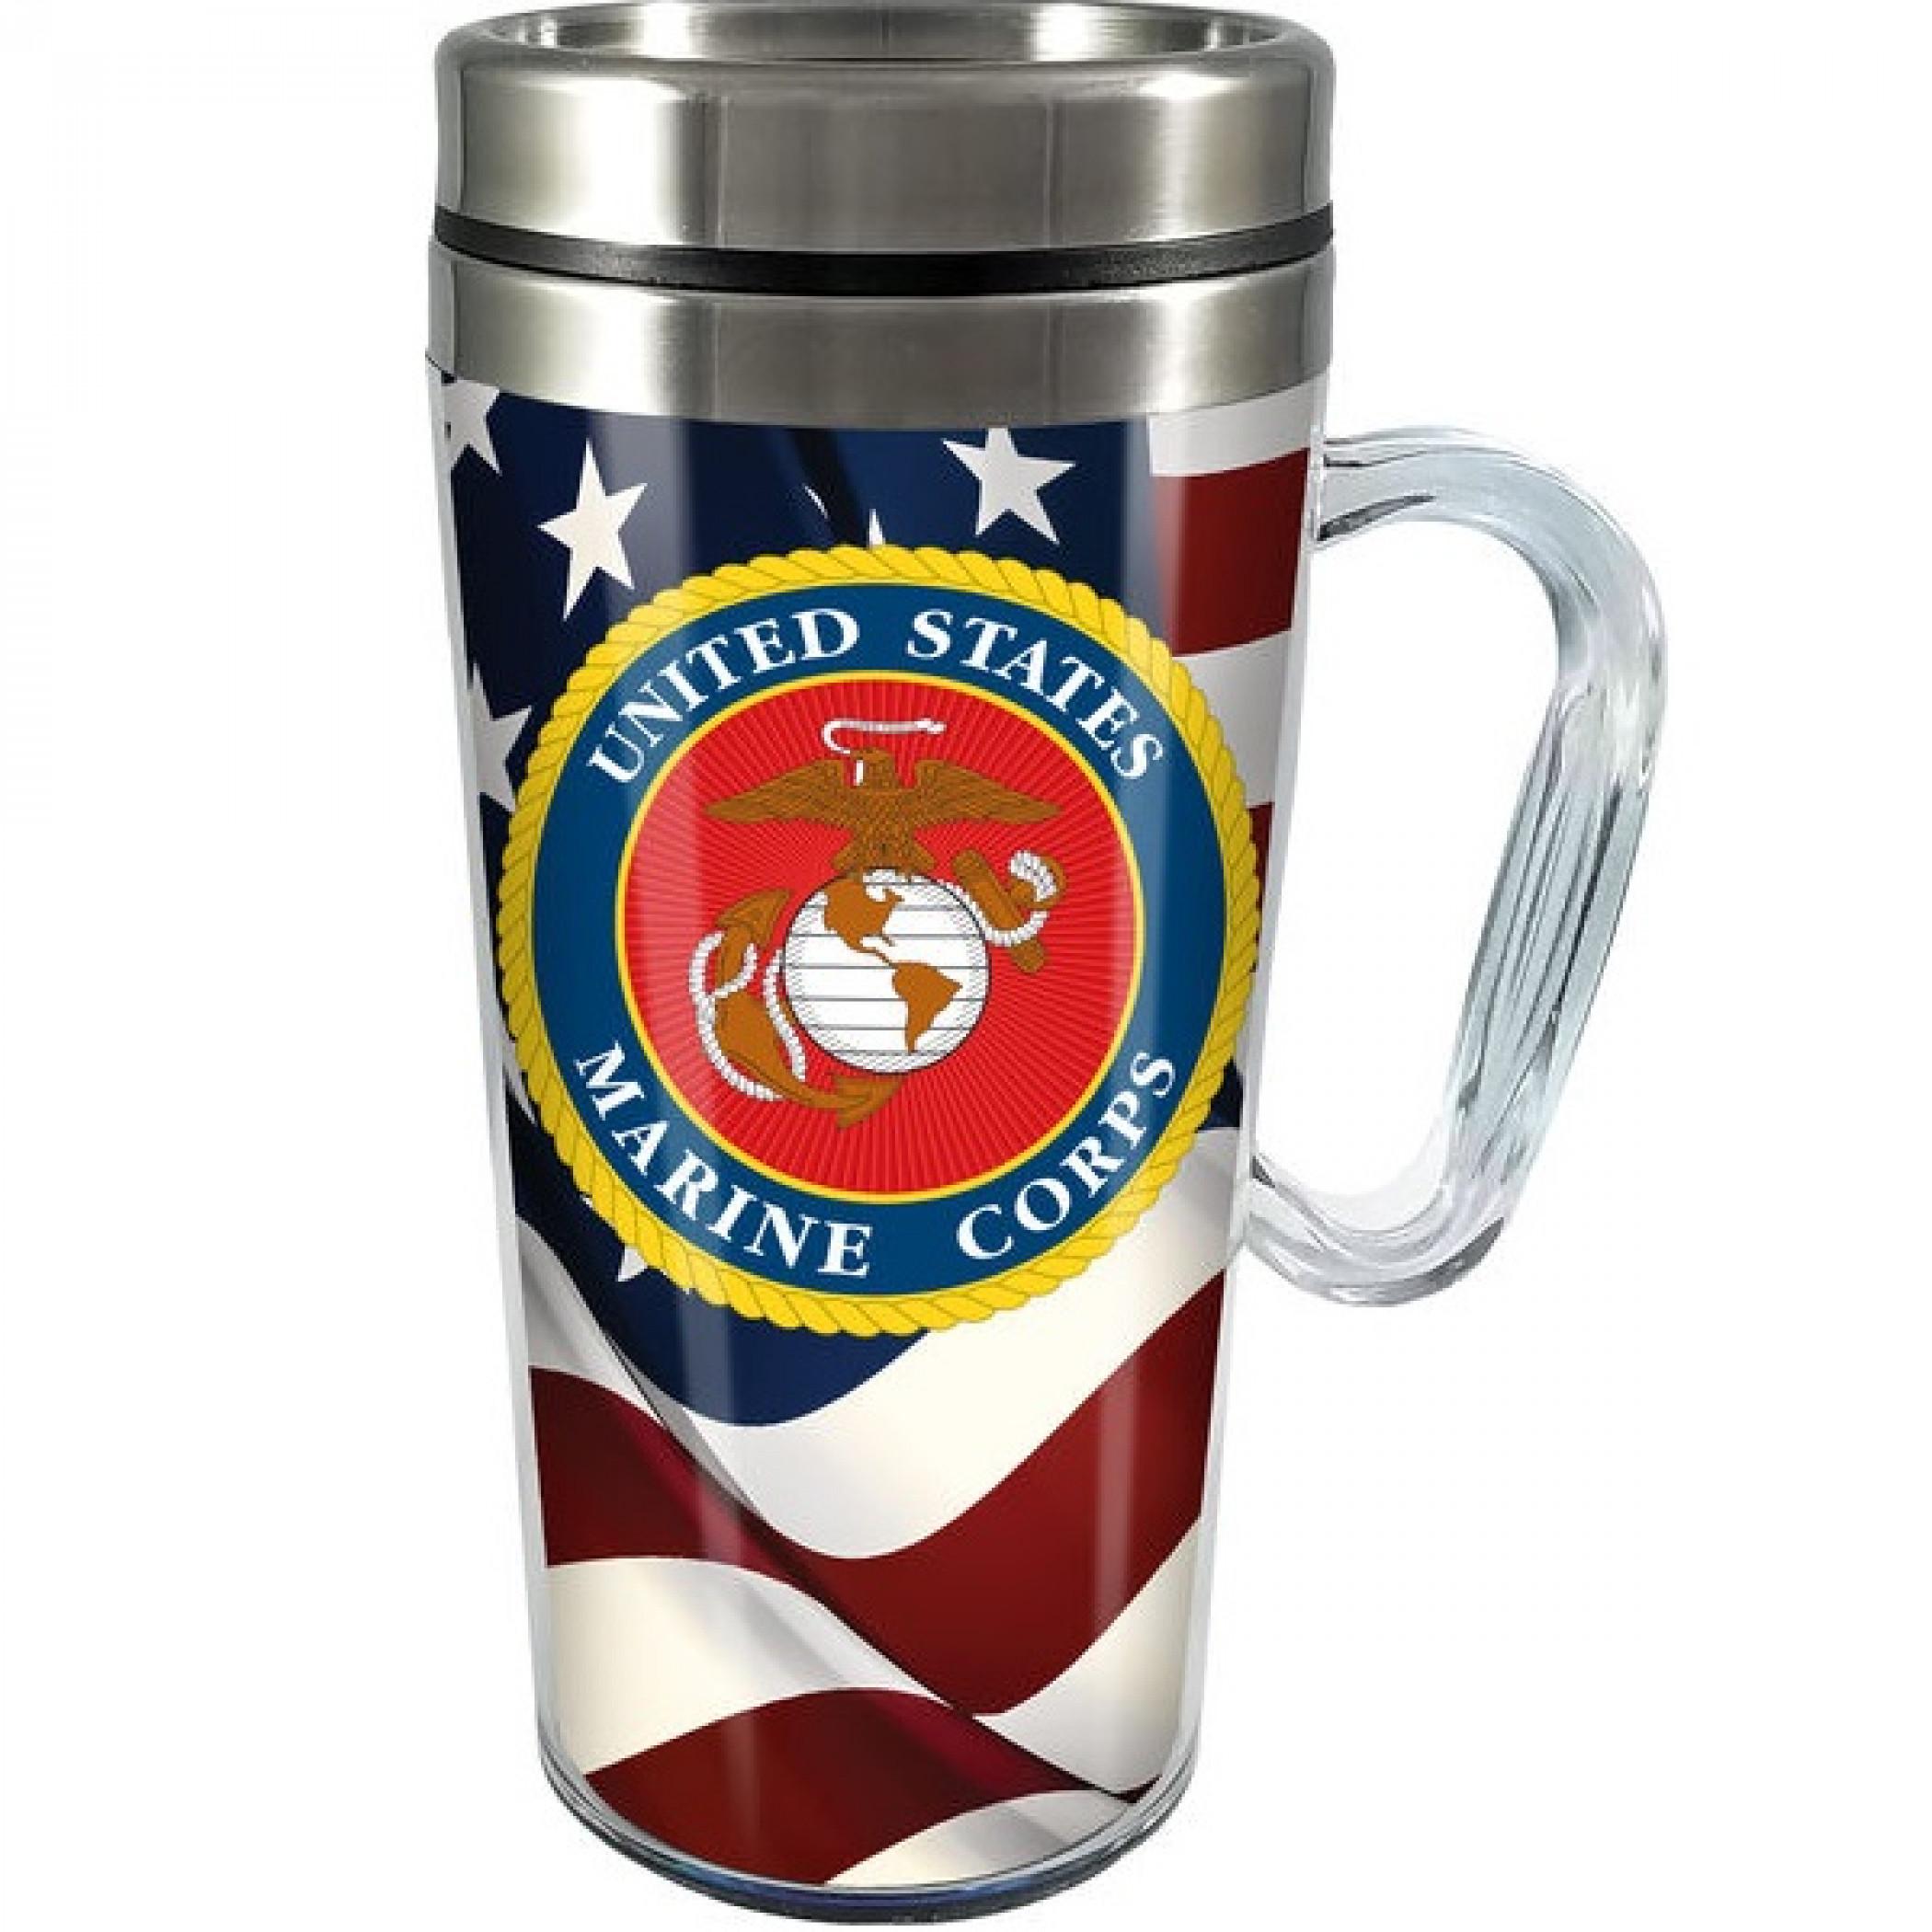 United States Marine Corps 14oz Stainless Steel and Acrylic Travel Mug